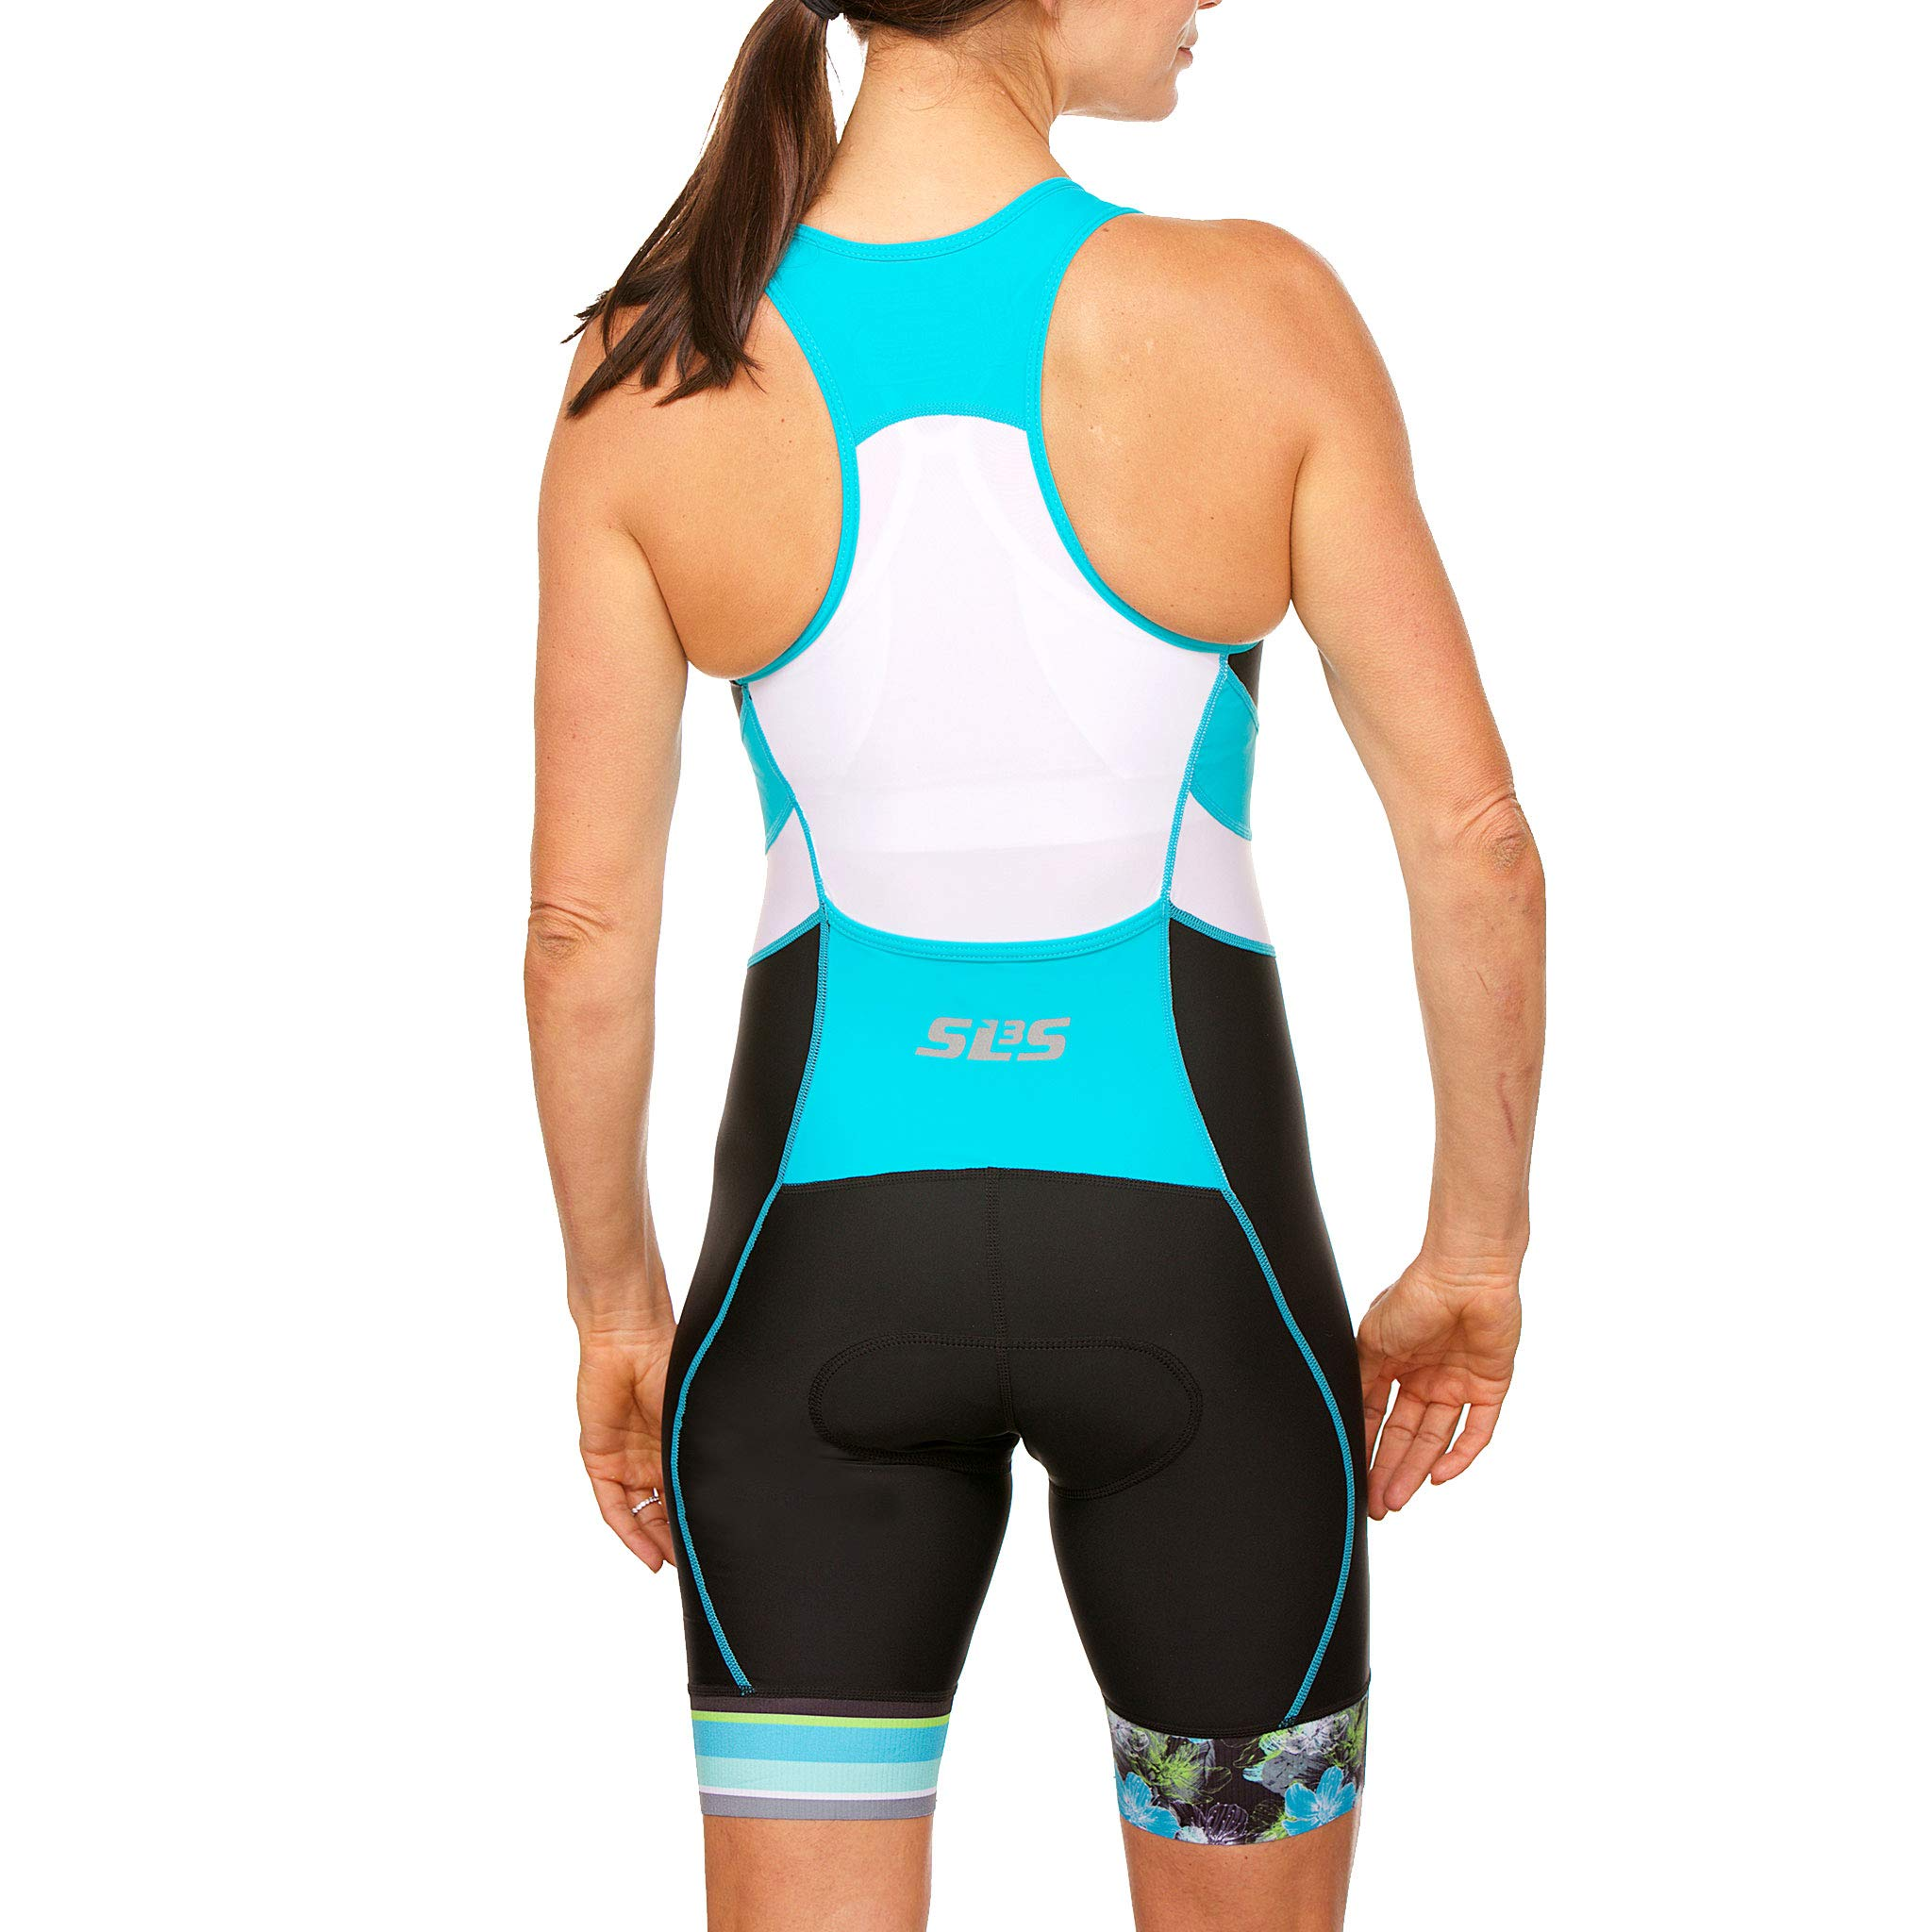 SLS3 Women`s Triathlon Suit FX | Womens Trisuits | 1 Pocket Triathlon Gear Suits Women | Anti-Friction Seams Womens Tri Suit | German Designed (Black/Martinica Blue, XL) by SLS3 (Image #7)